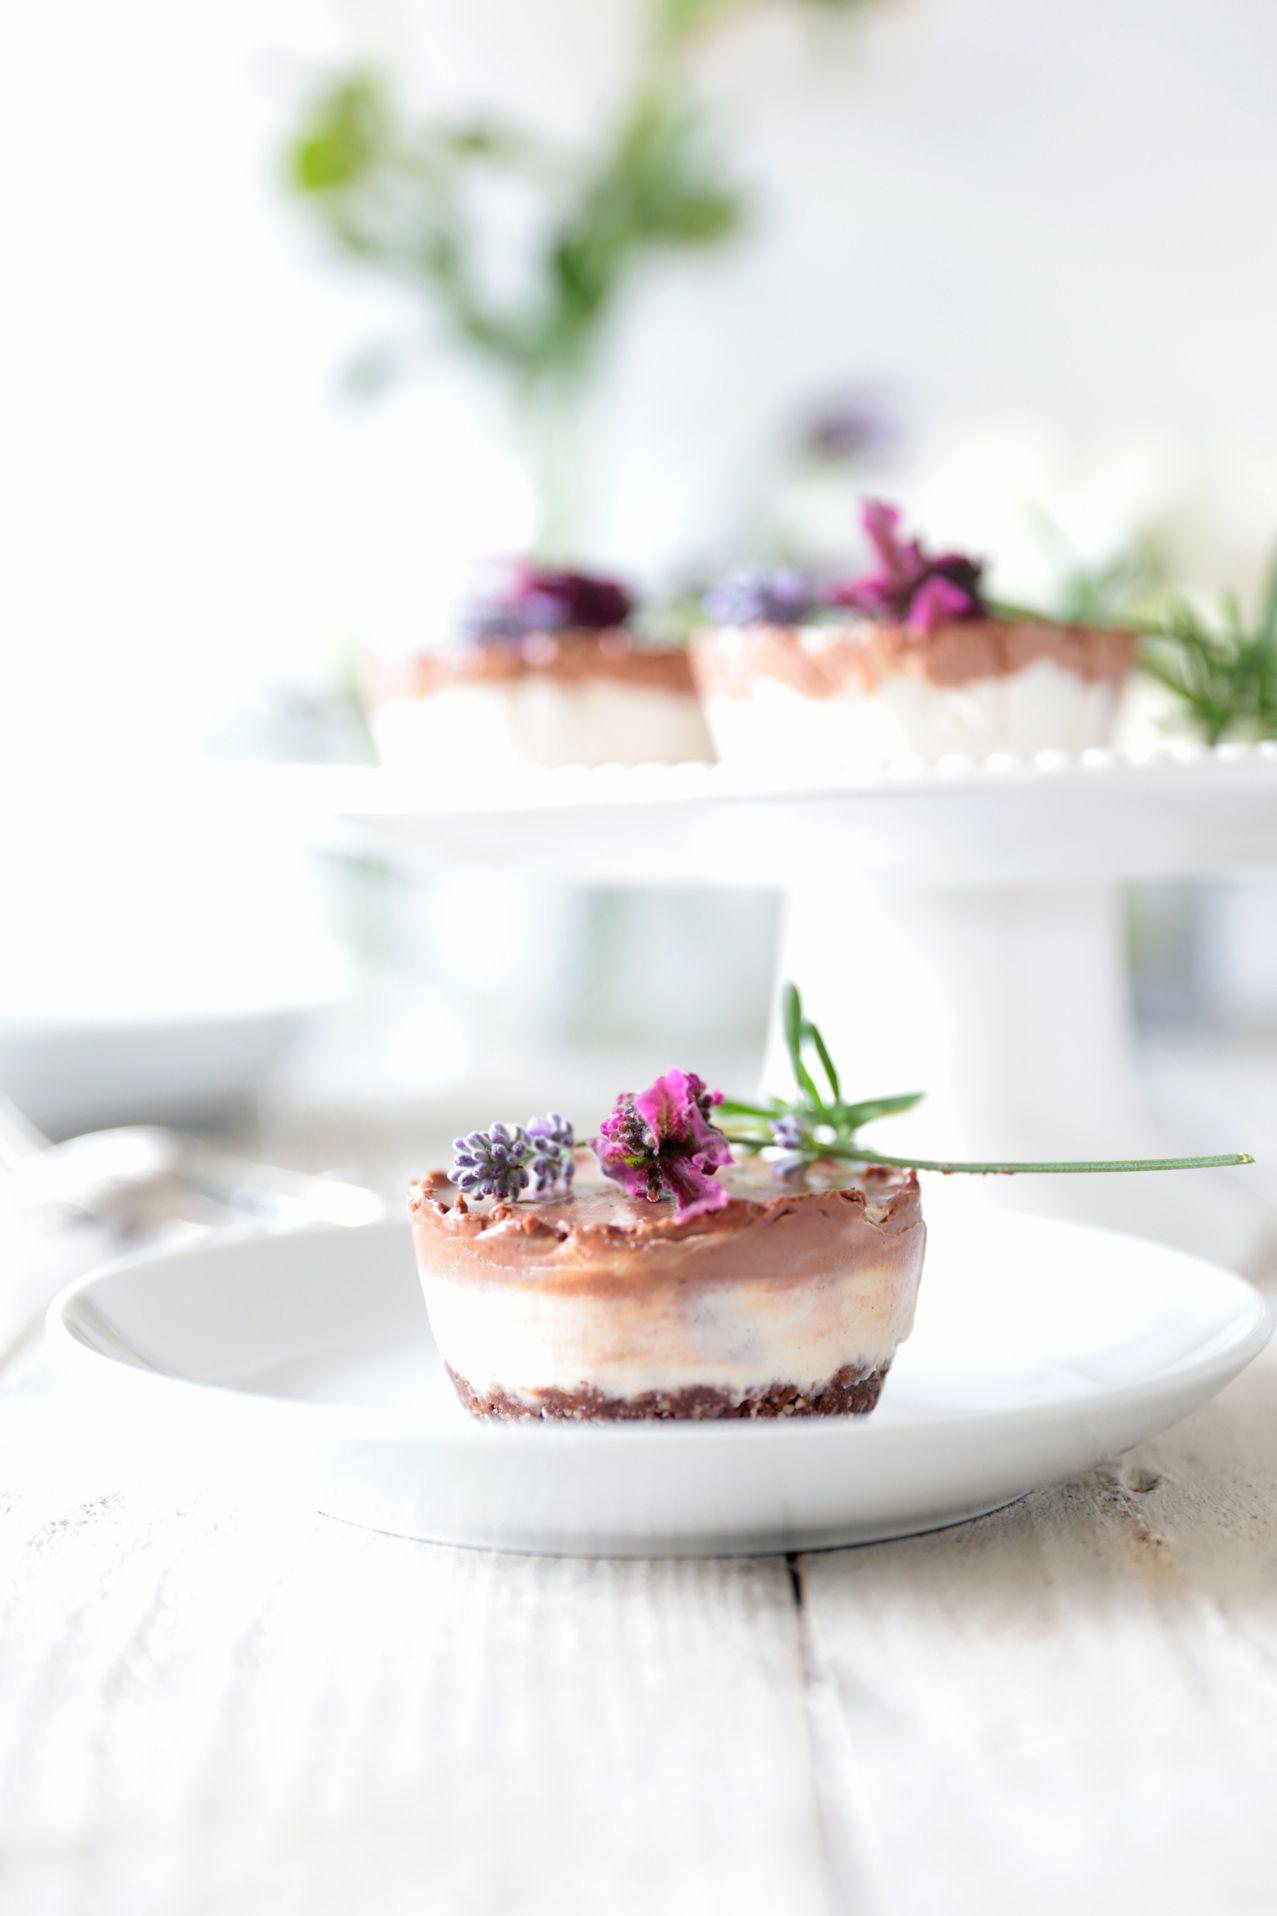 raw chocolate and vanilla coconut swirl cheesecake // vegan & gluten-free